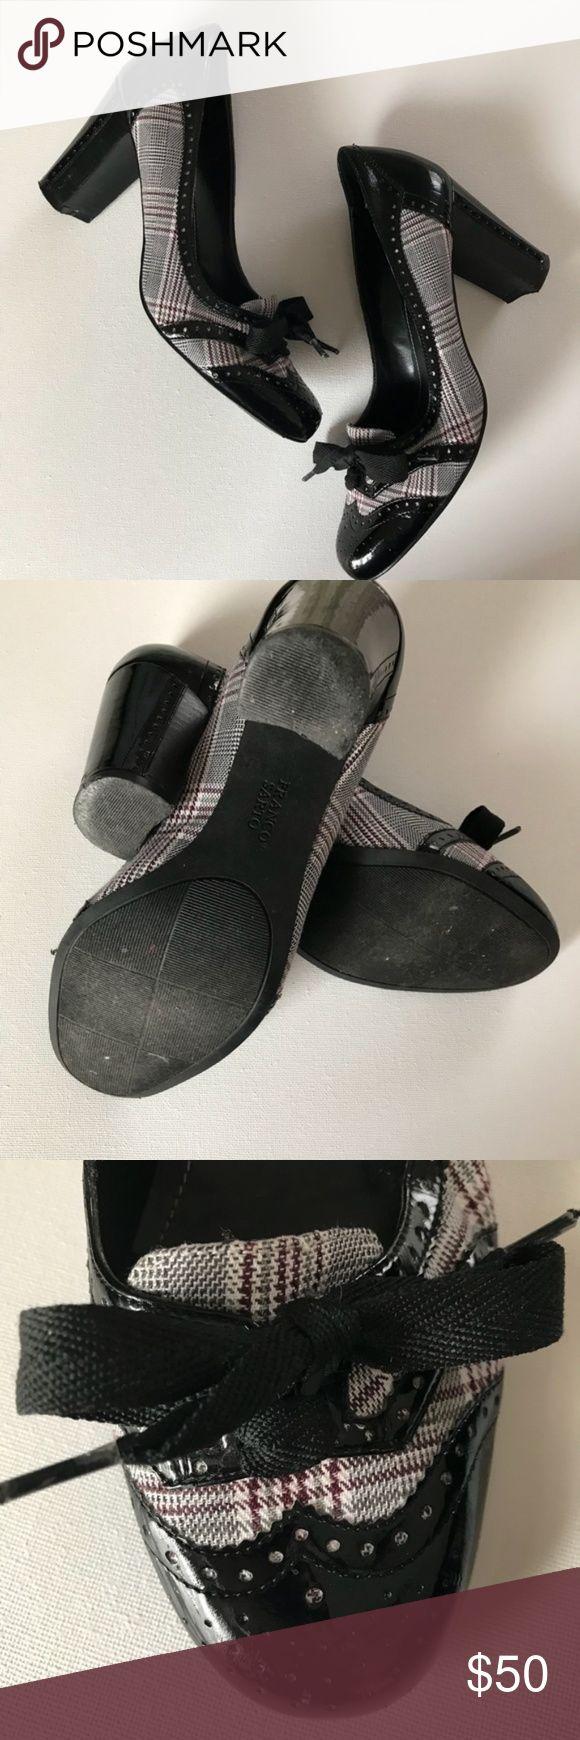 """Franco Sarto retro grey & black plaid heels Franco Sarto retro black plaid heels with ties  Approximately 3-1/4"""" heel Franco Sarto Shoes Heels"""